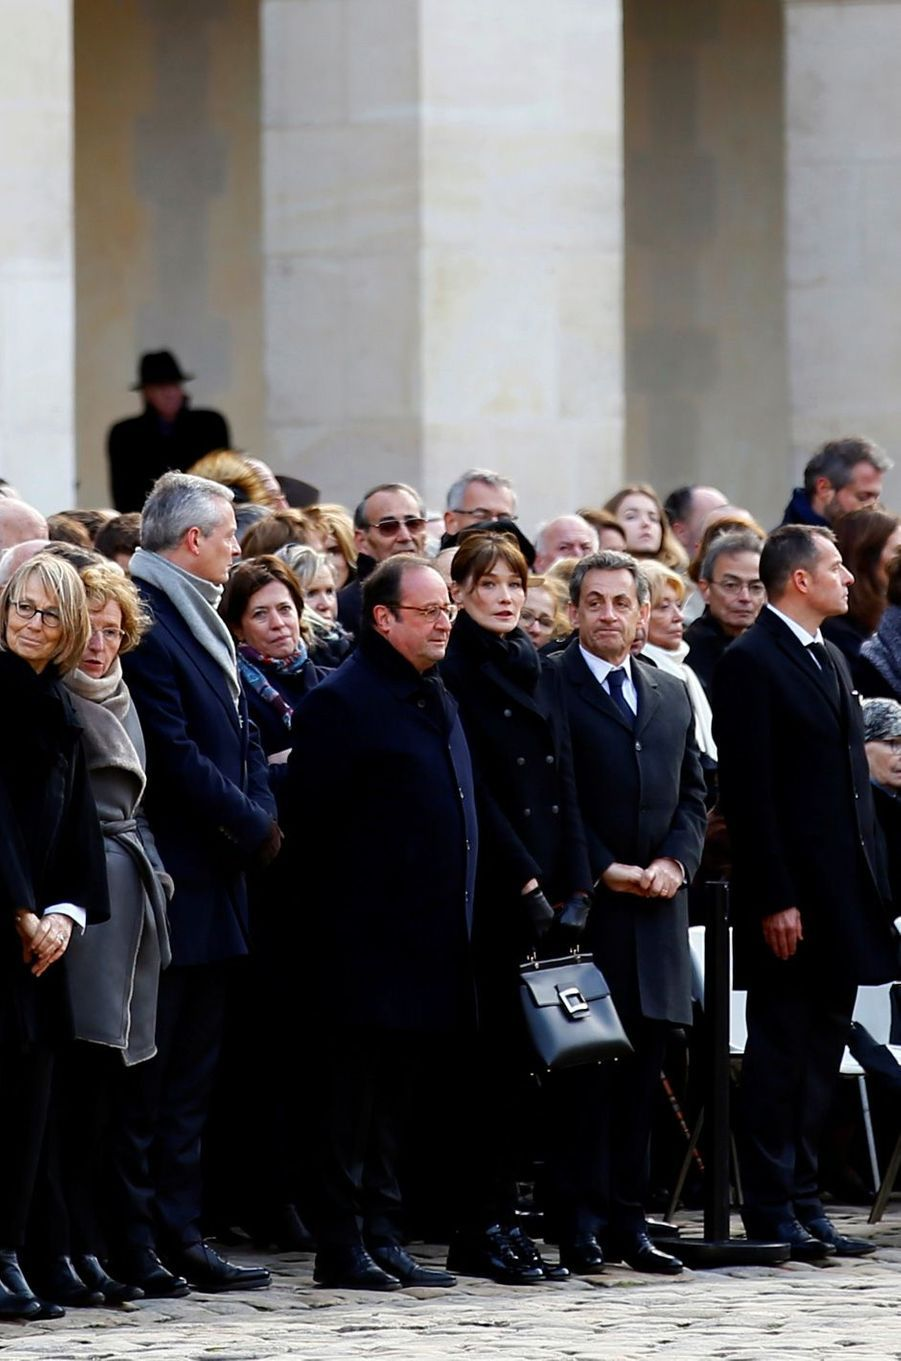 François Hollande, Nicolas Sarkozy et Carla Bruni-Sarkozy à l'hommage national en l'honneur de Jean d'Ormesson.